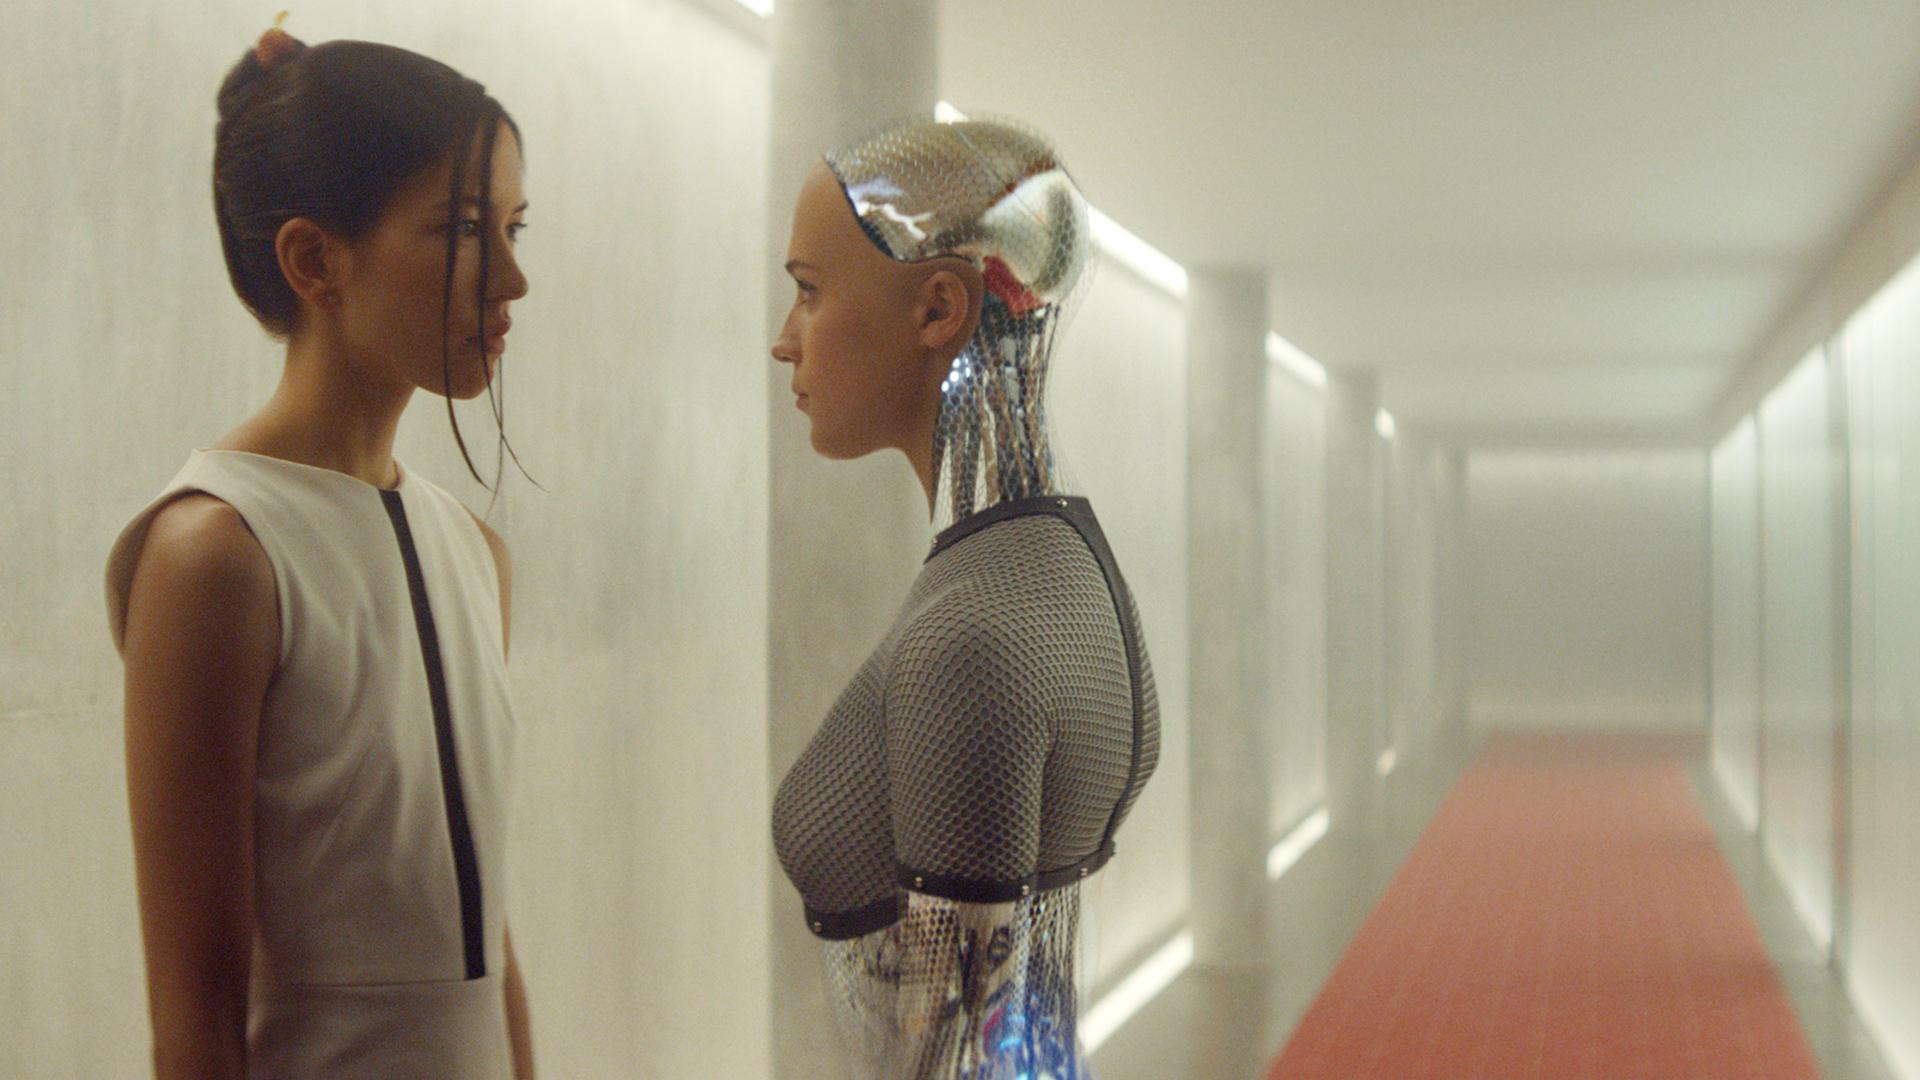 Com a mão de obra robotizada, quais são os trabalhos que deixarão de ser dos humanos?